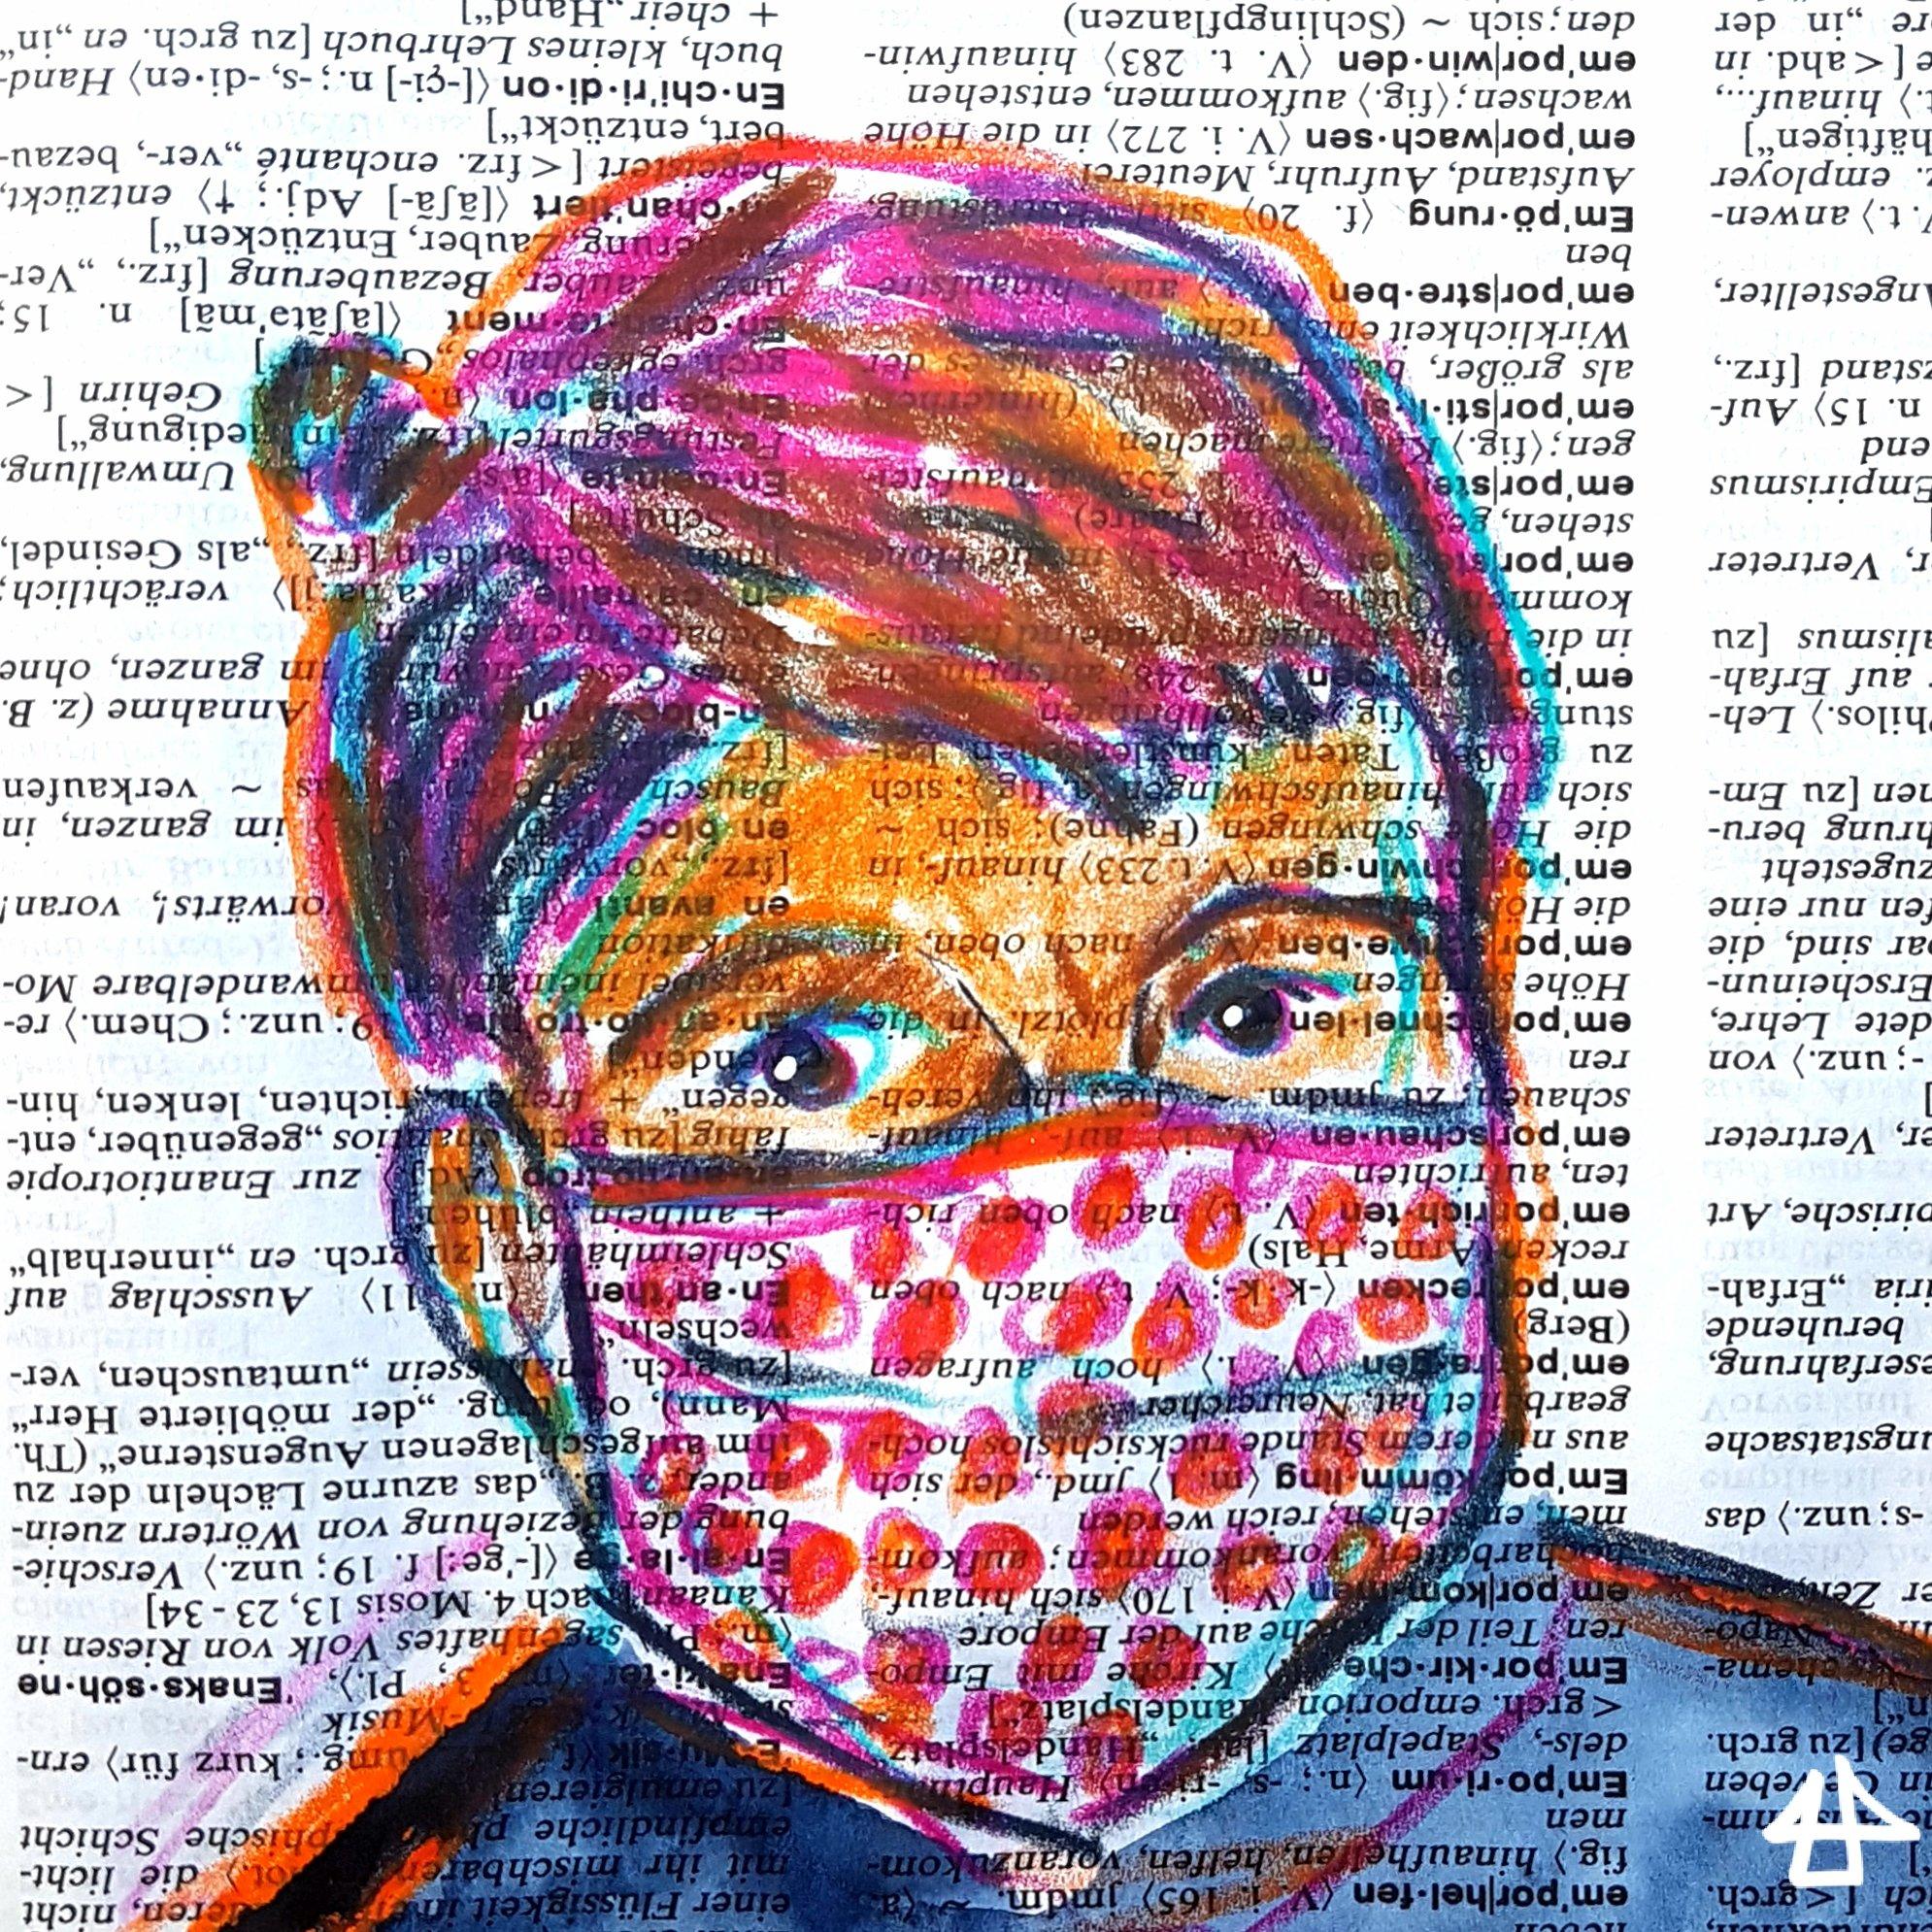 Buntstiftzeichnung auf Wörterbuchseite, weisser Mensch mit kurzen pink-braunen Haaren und Mund-Nasen-Maske weissem Stoff mit roten Tupfen.